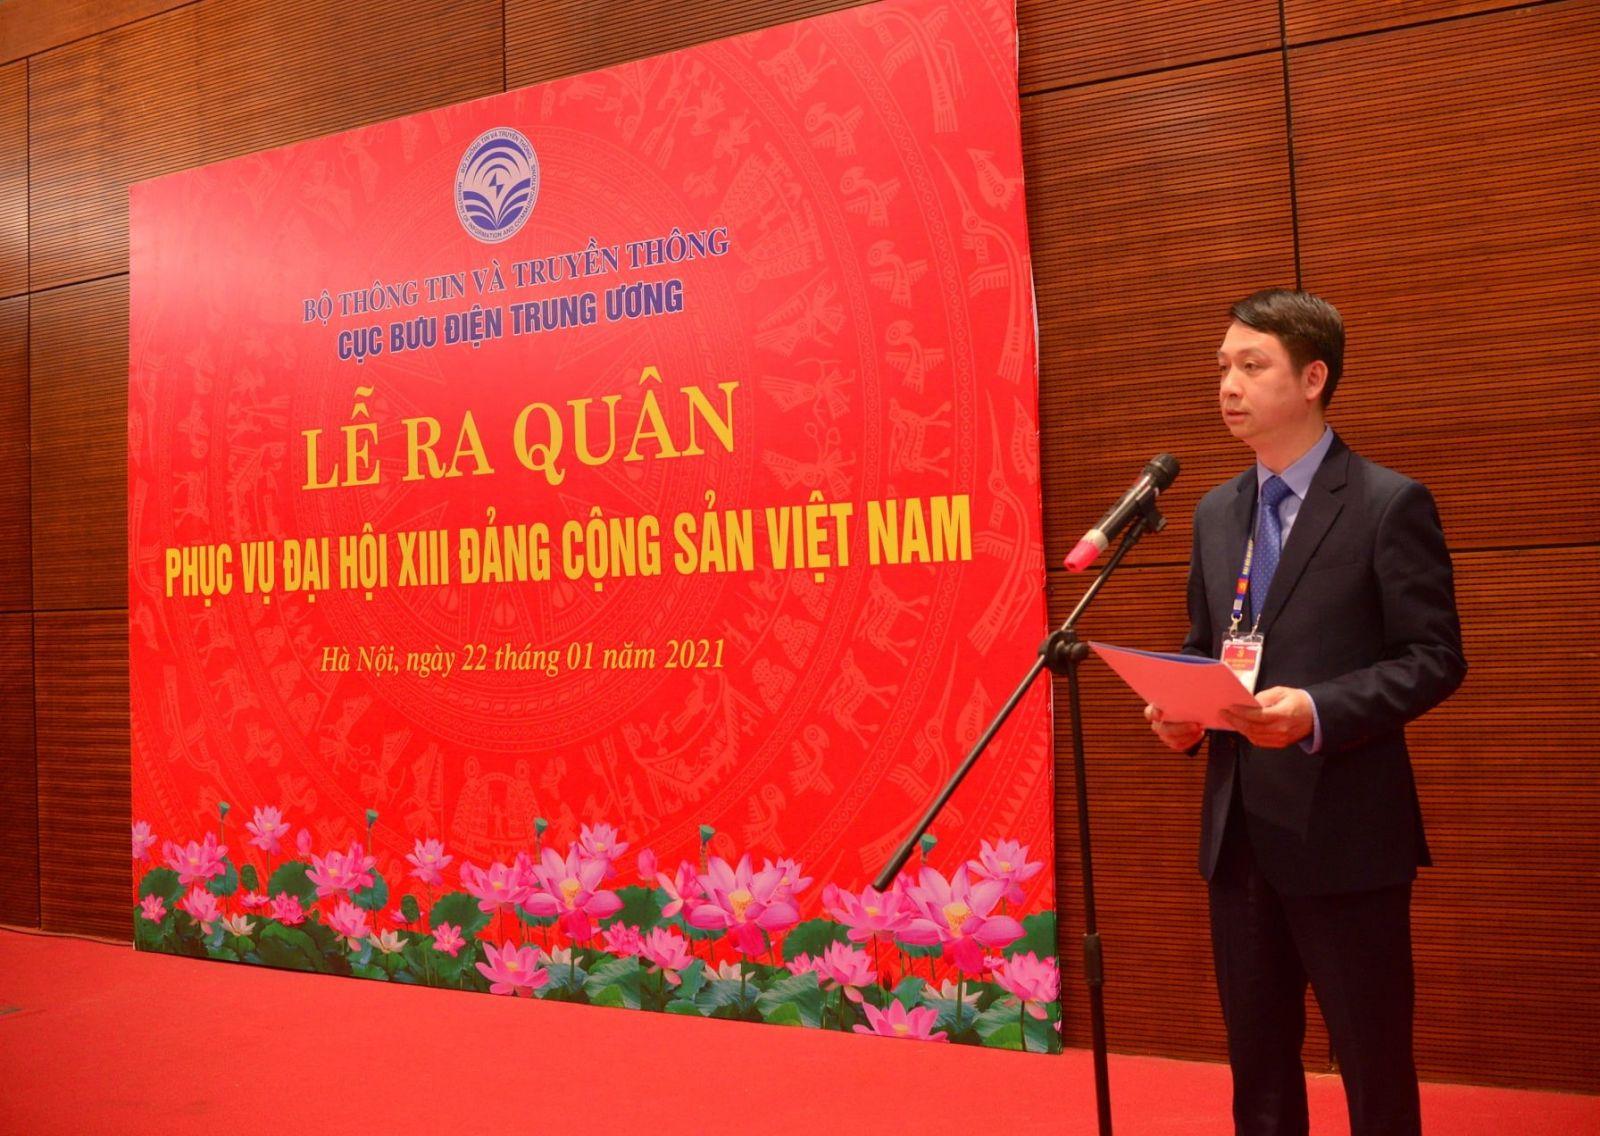 Cục Bưu điện Trung ương sẵn sàng phục vụ Đại hội Đại biểu toàn quốc lần thứ XIII của Đảng